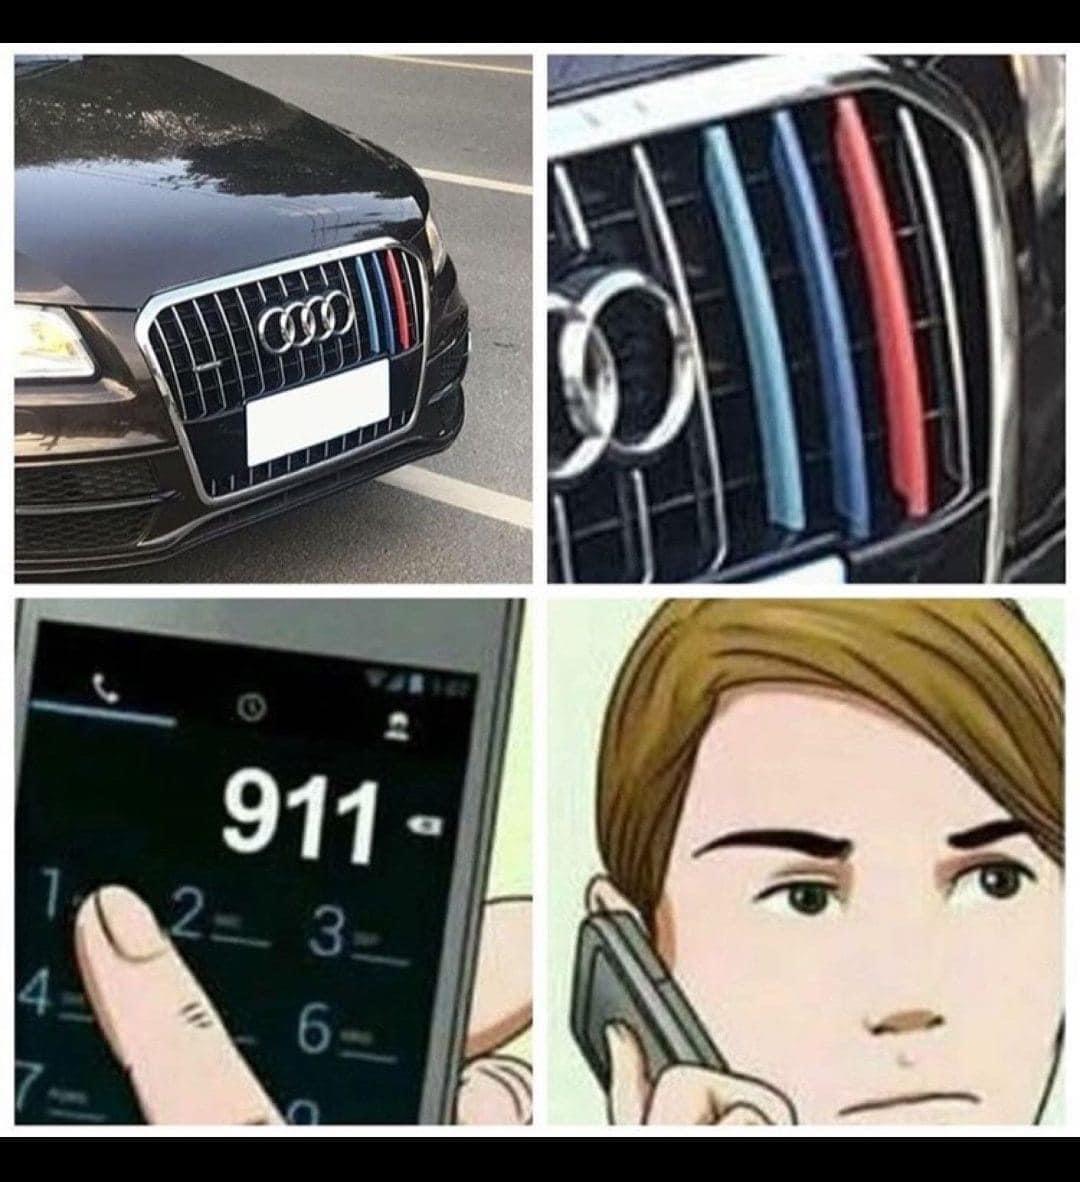 6-ABA1149-2-A60-4744-90-B1-29431-CFCA2-B